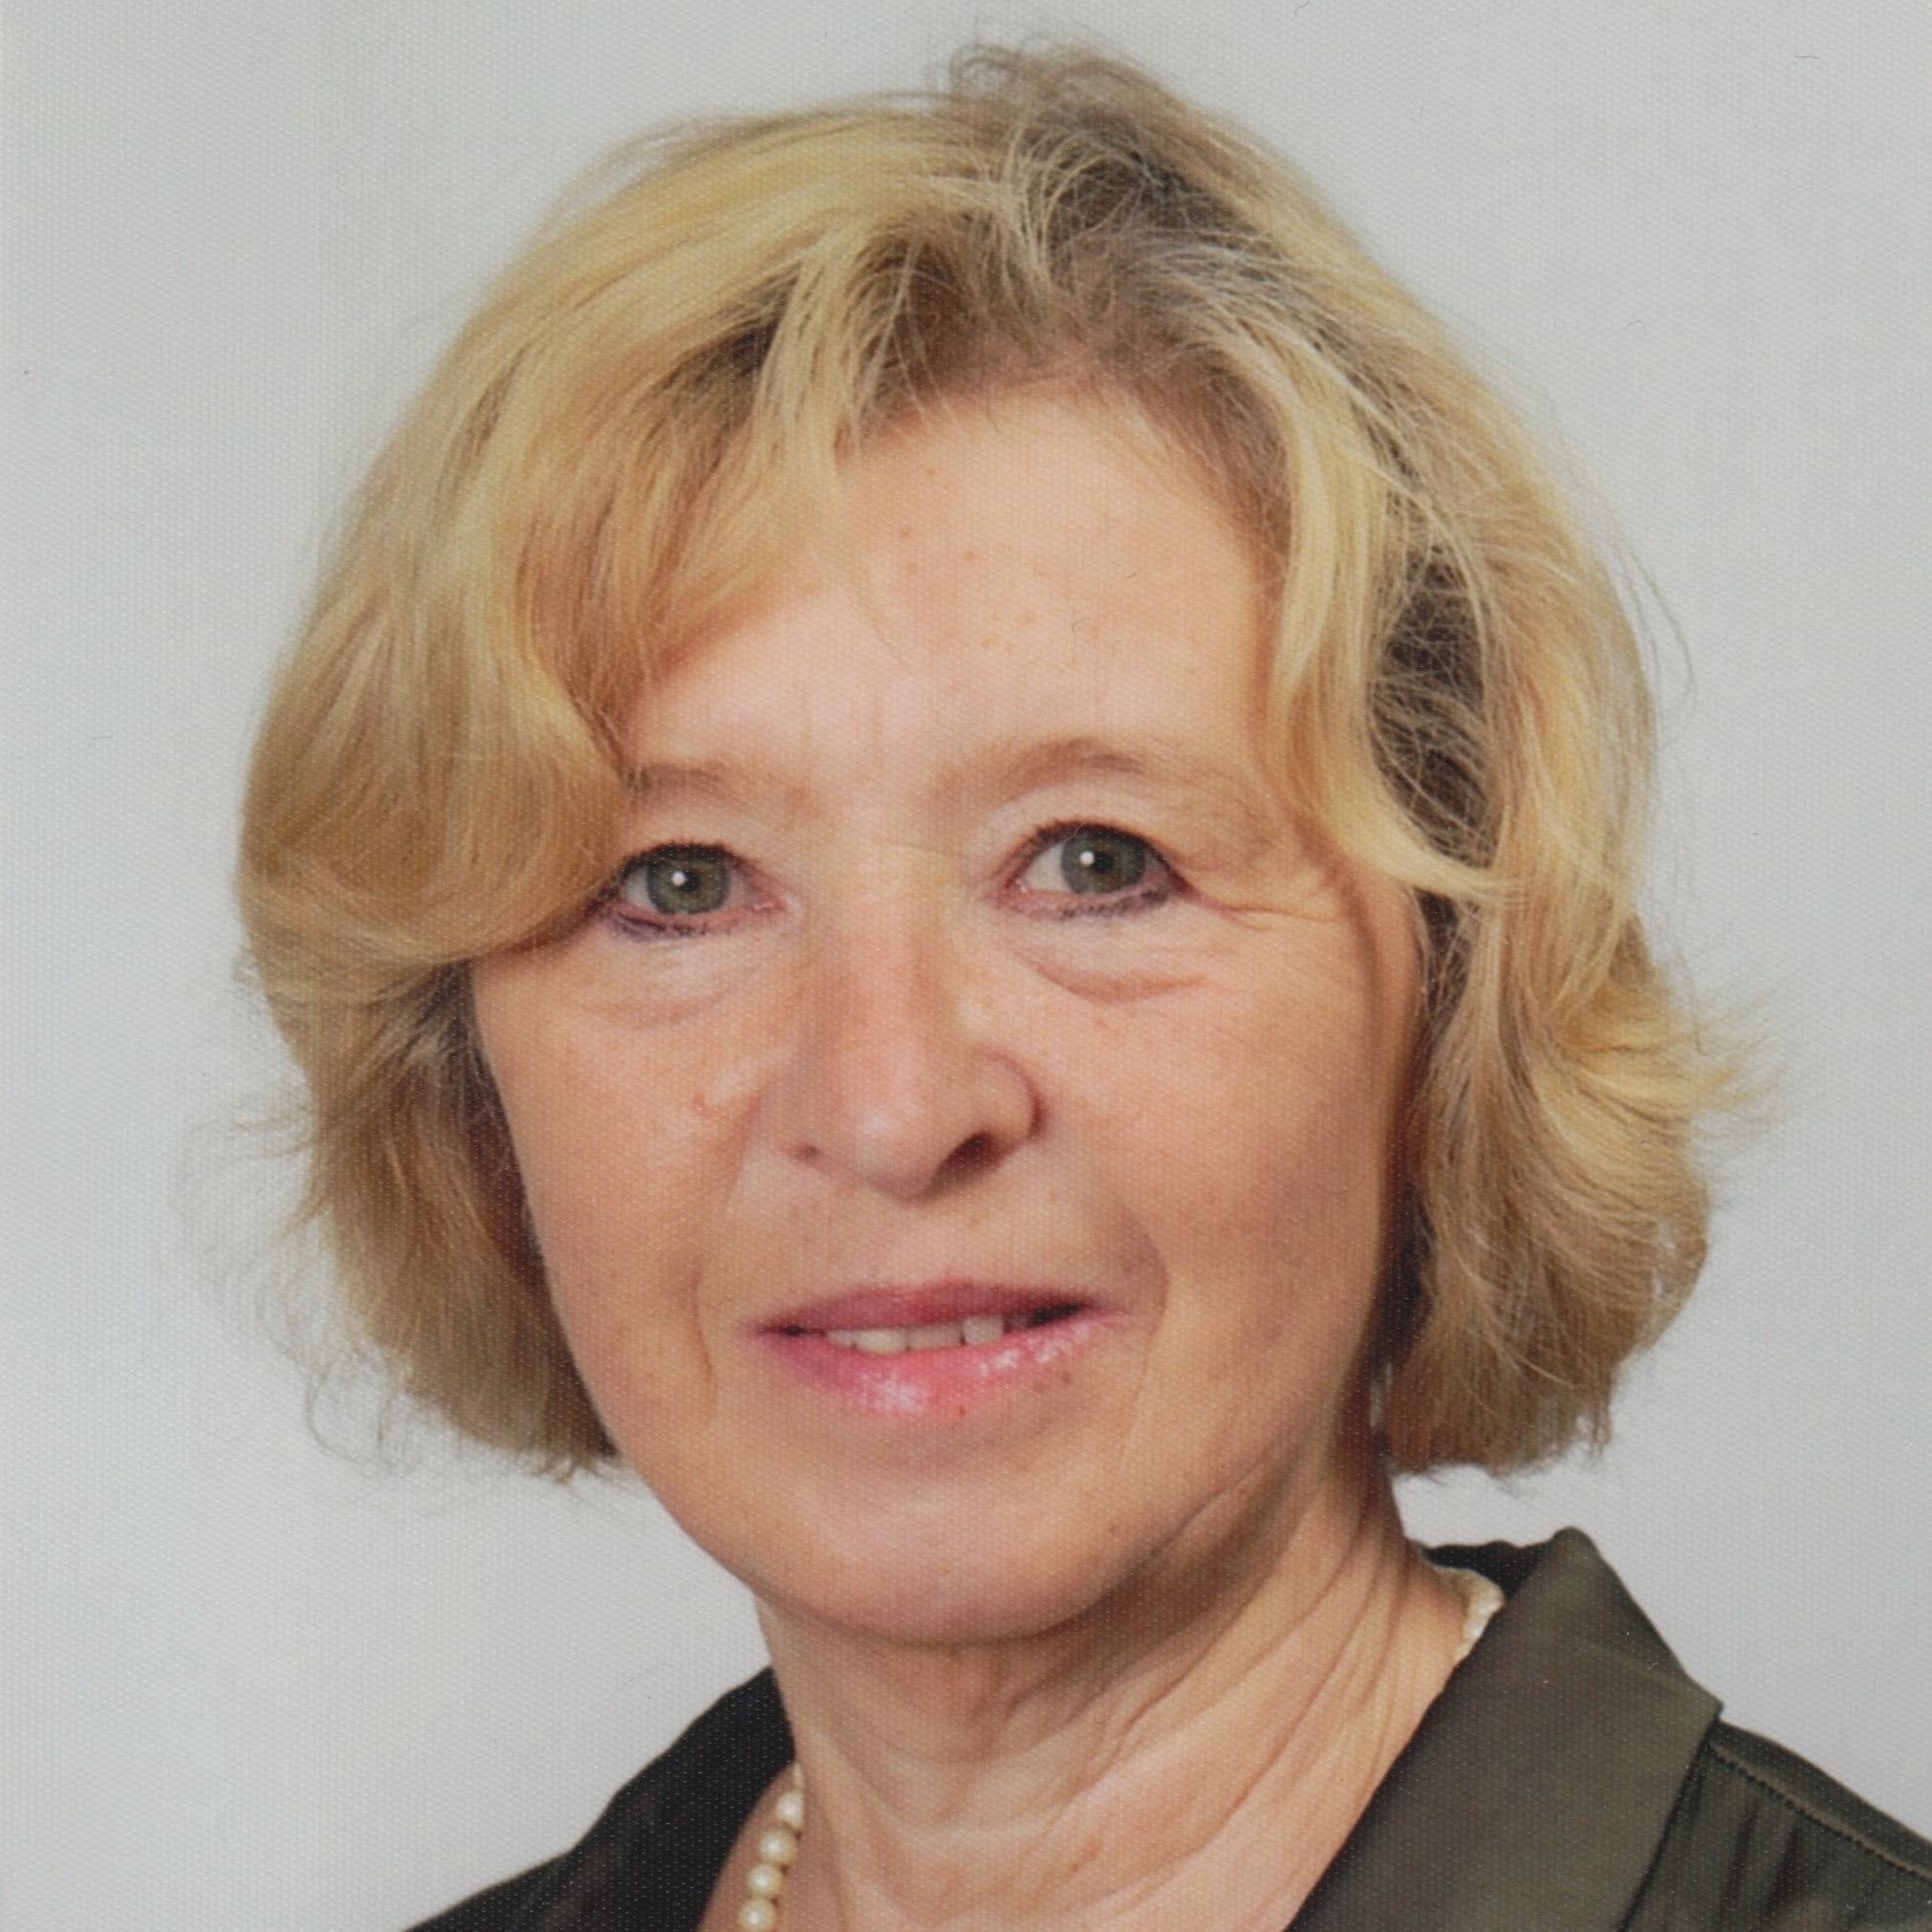 Bärbel Bröhl